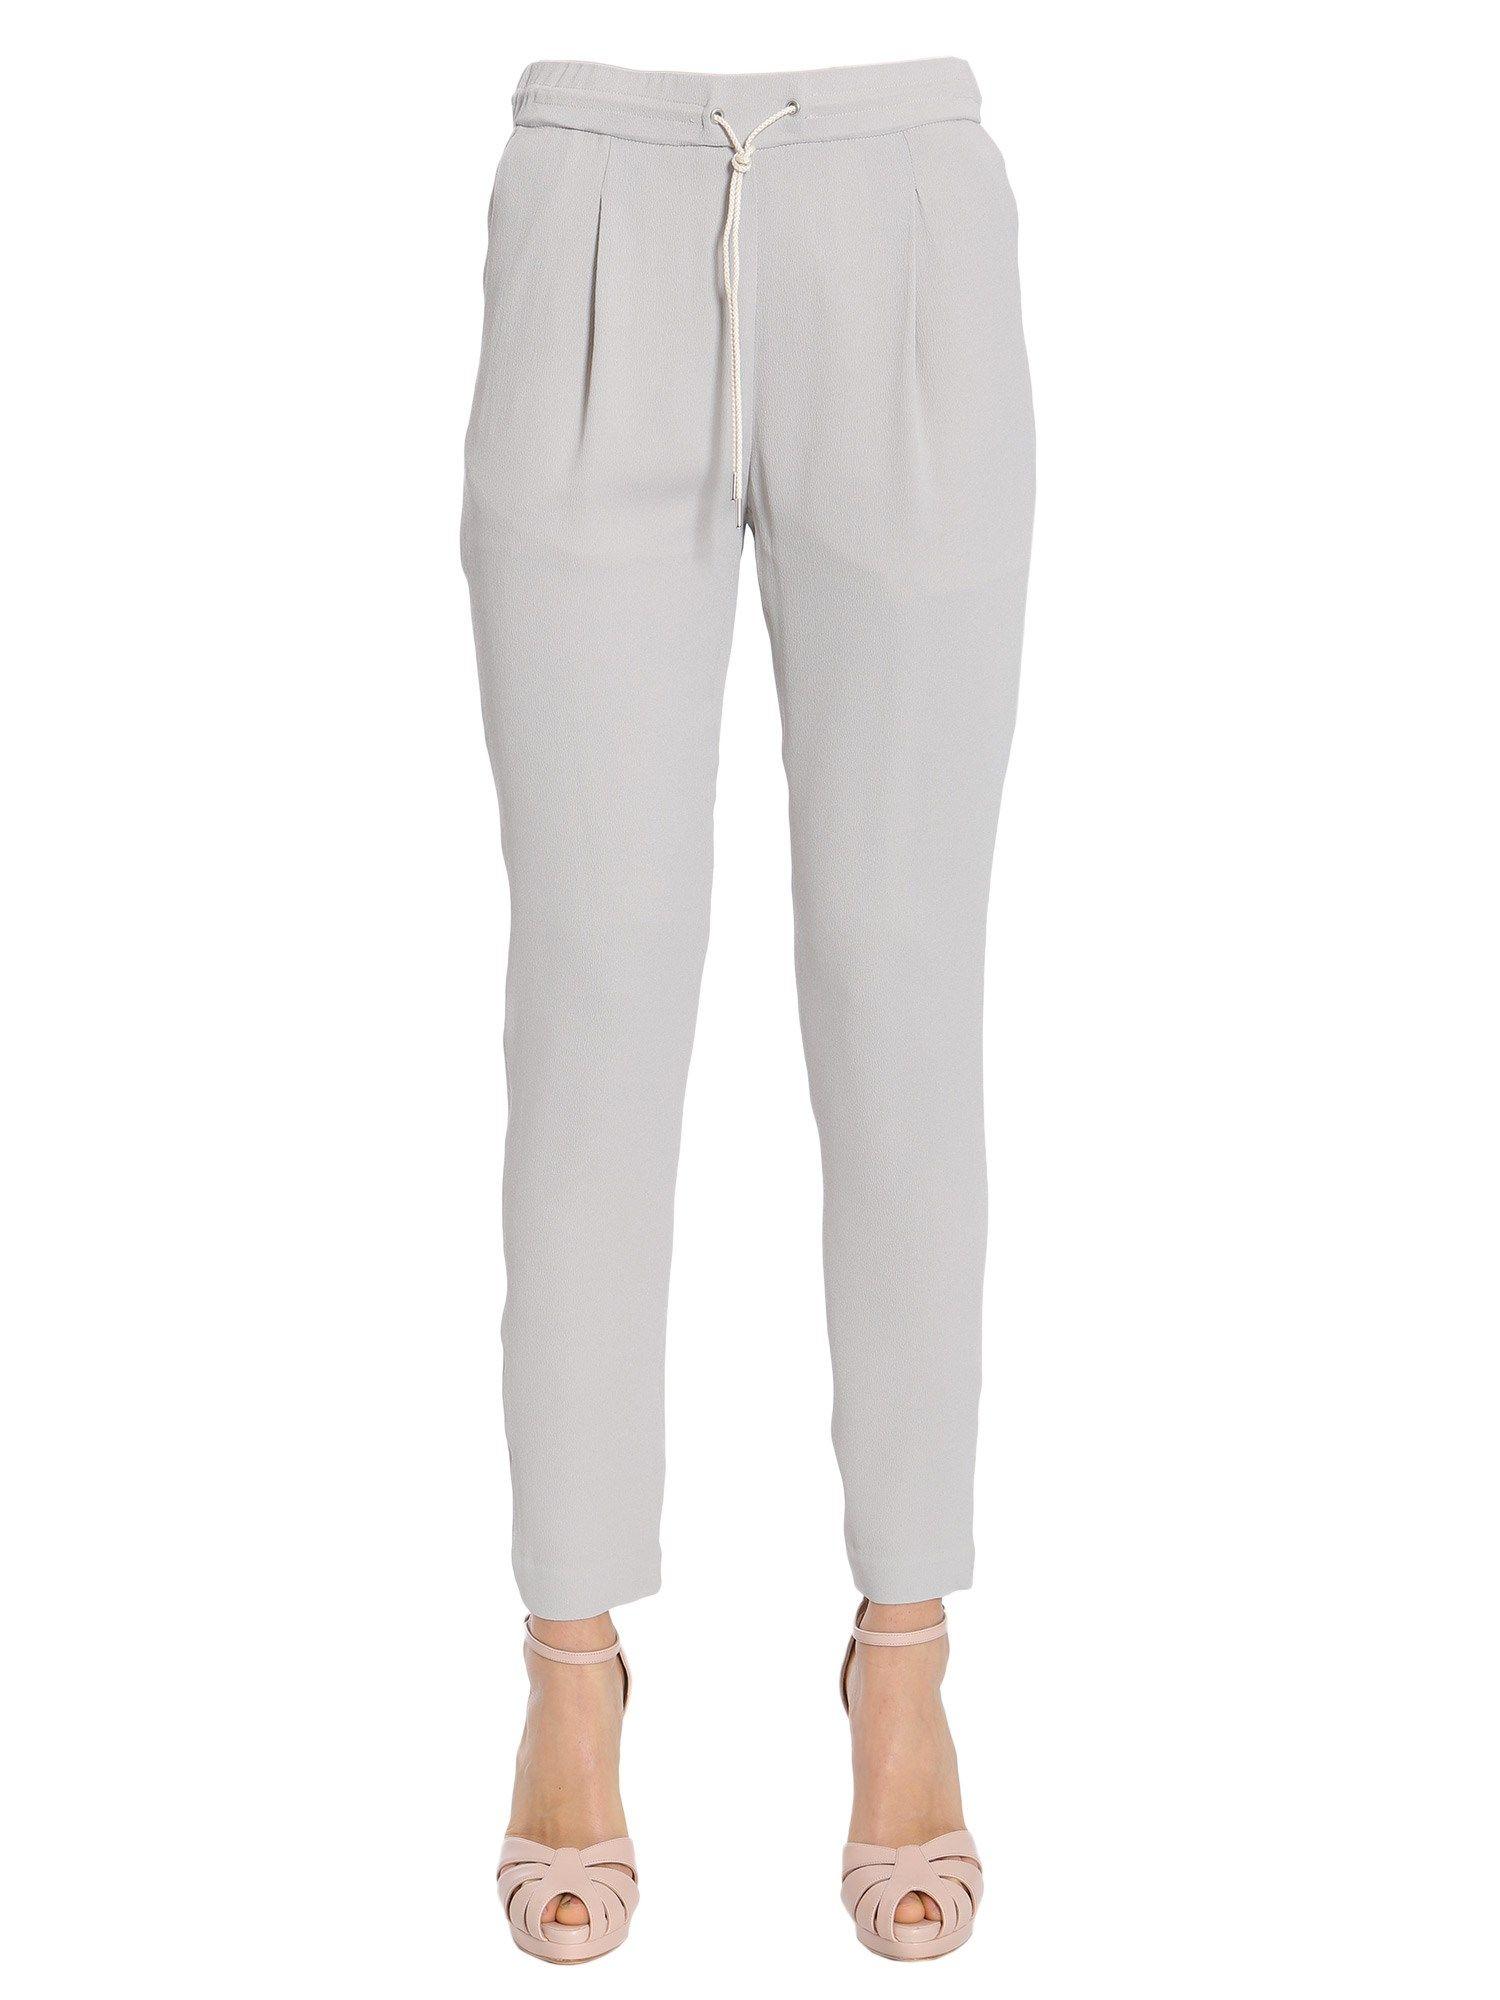 Spello Trousers